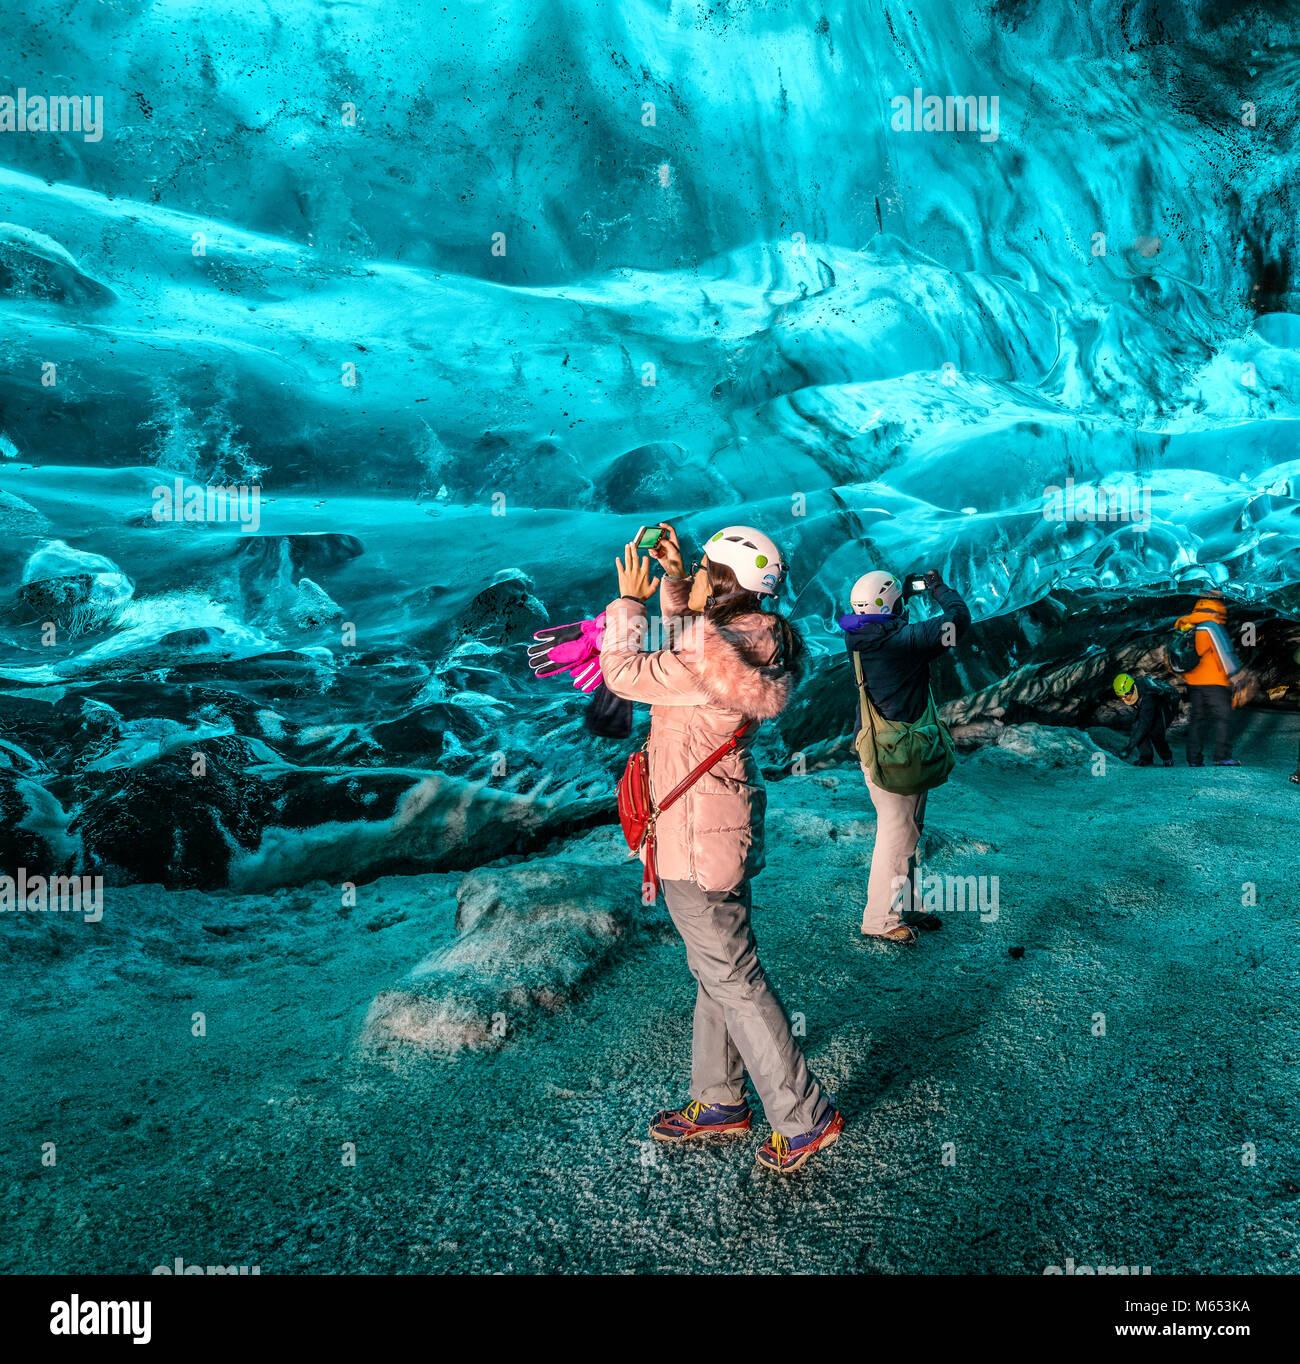 Les touristes dans la grotte de cristal, Glacier Breidamerkurjokull, Islande. La glace bleue émeraude et le Photo Stock